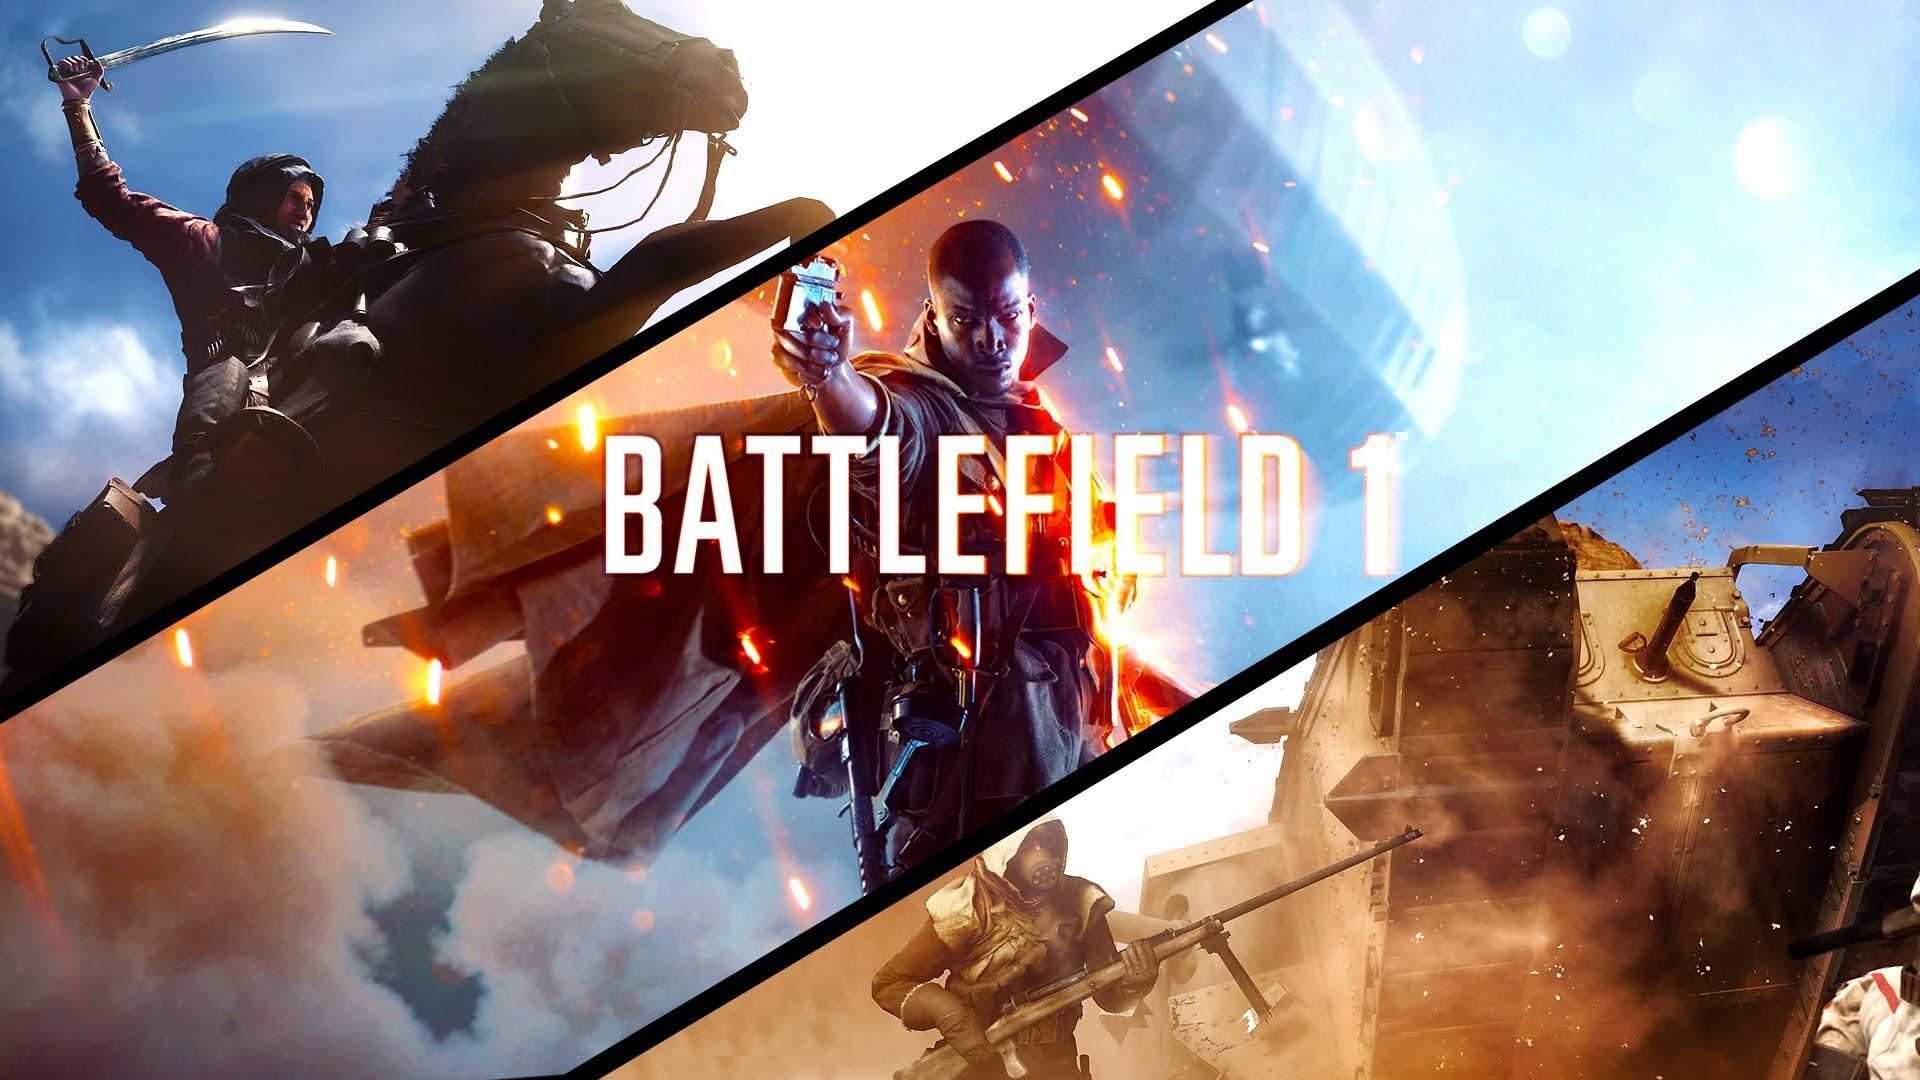 Battlefield 1 + Battlefield 4 Premium + [гарантия]